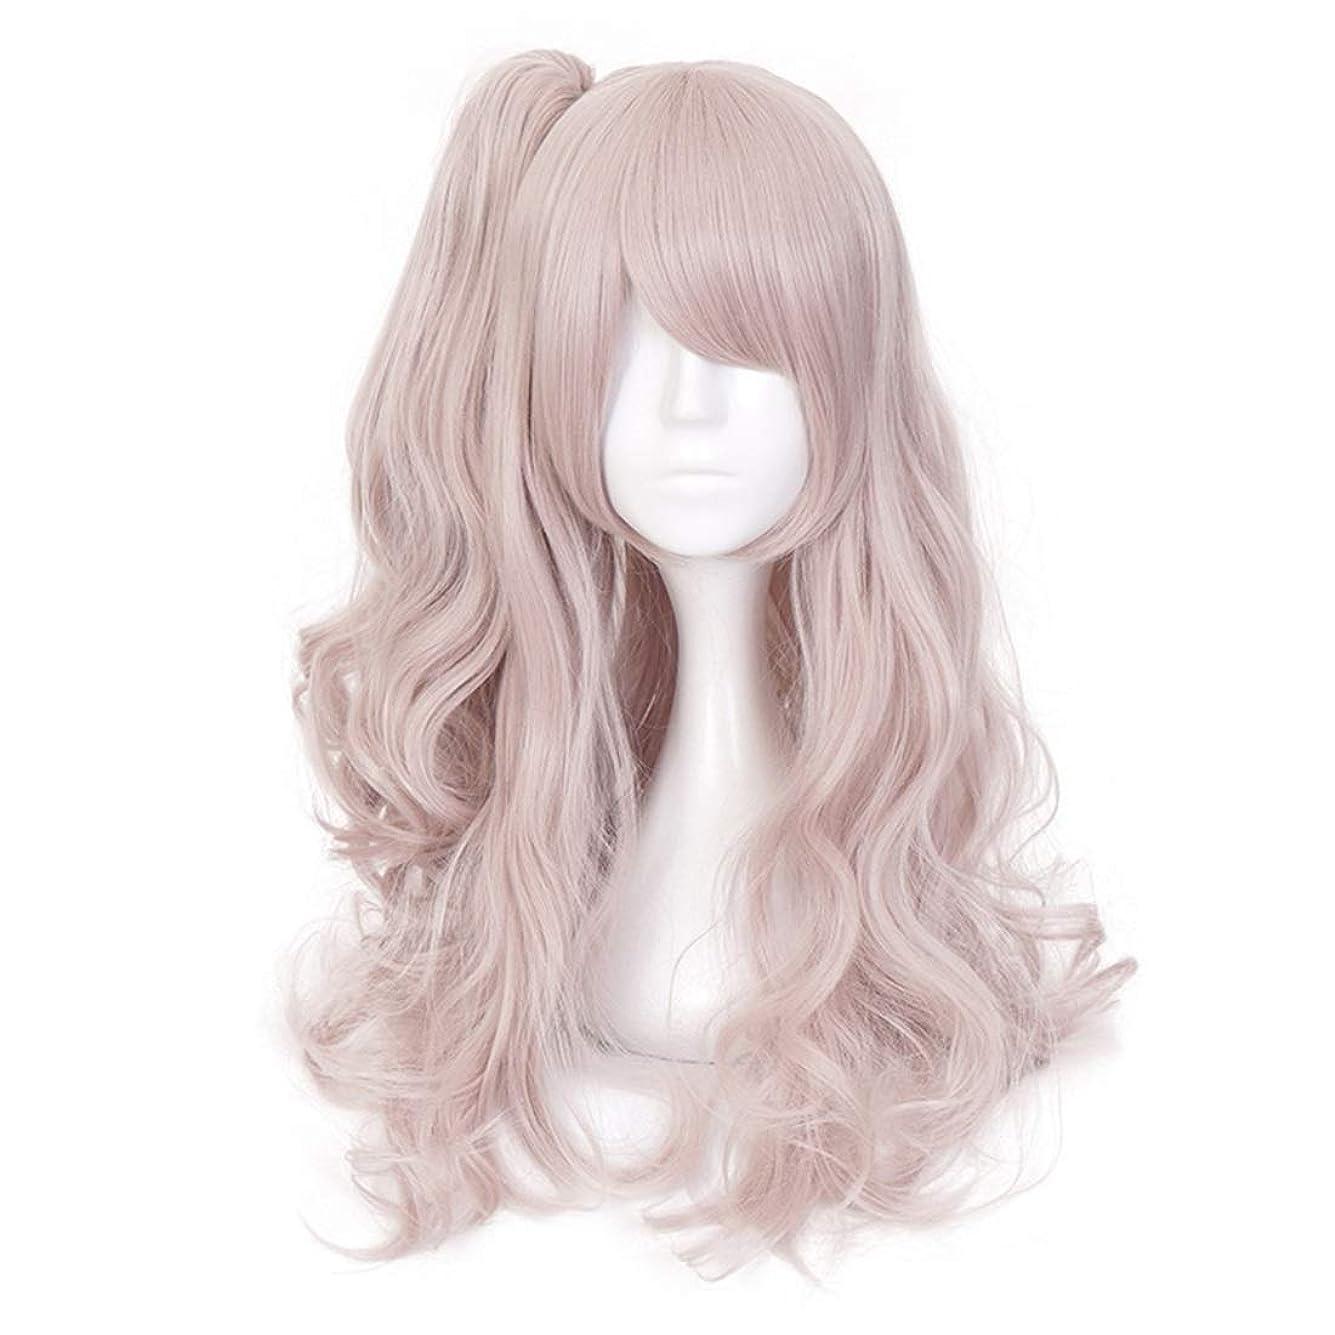 海虐殺扱うKoloeplf ロングカーリーグラデーションピンクラブリーガールコスプレウィッグフル人工毛アニメヘア (Color : Pink)